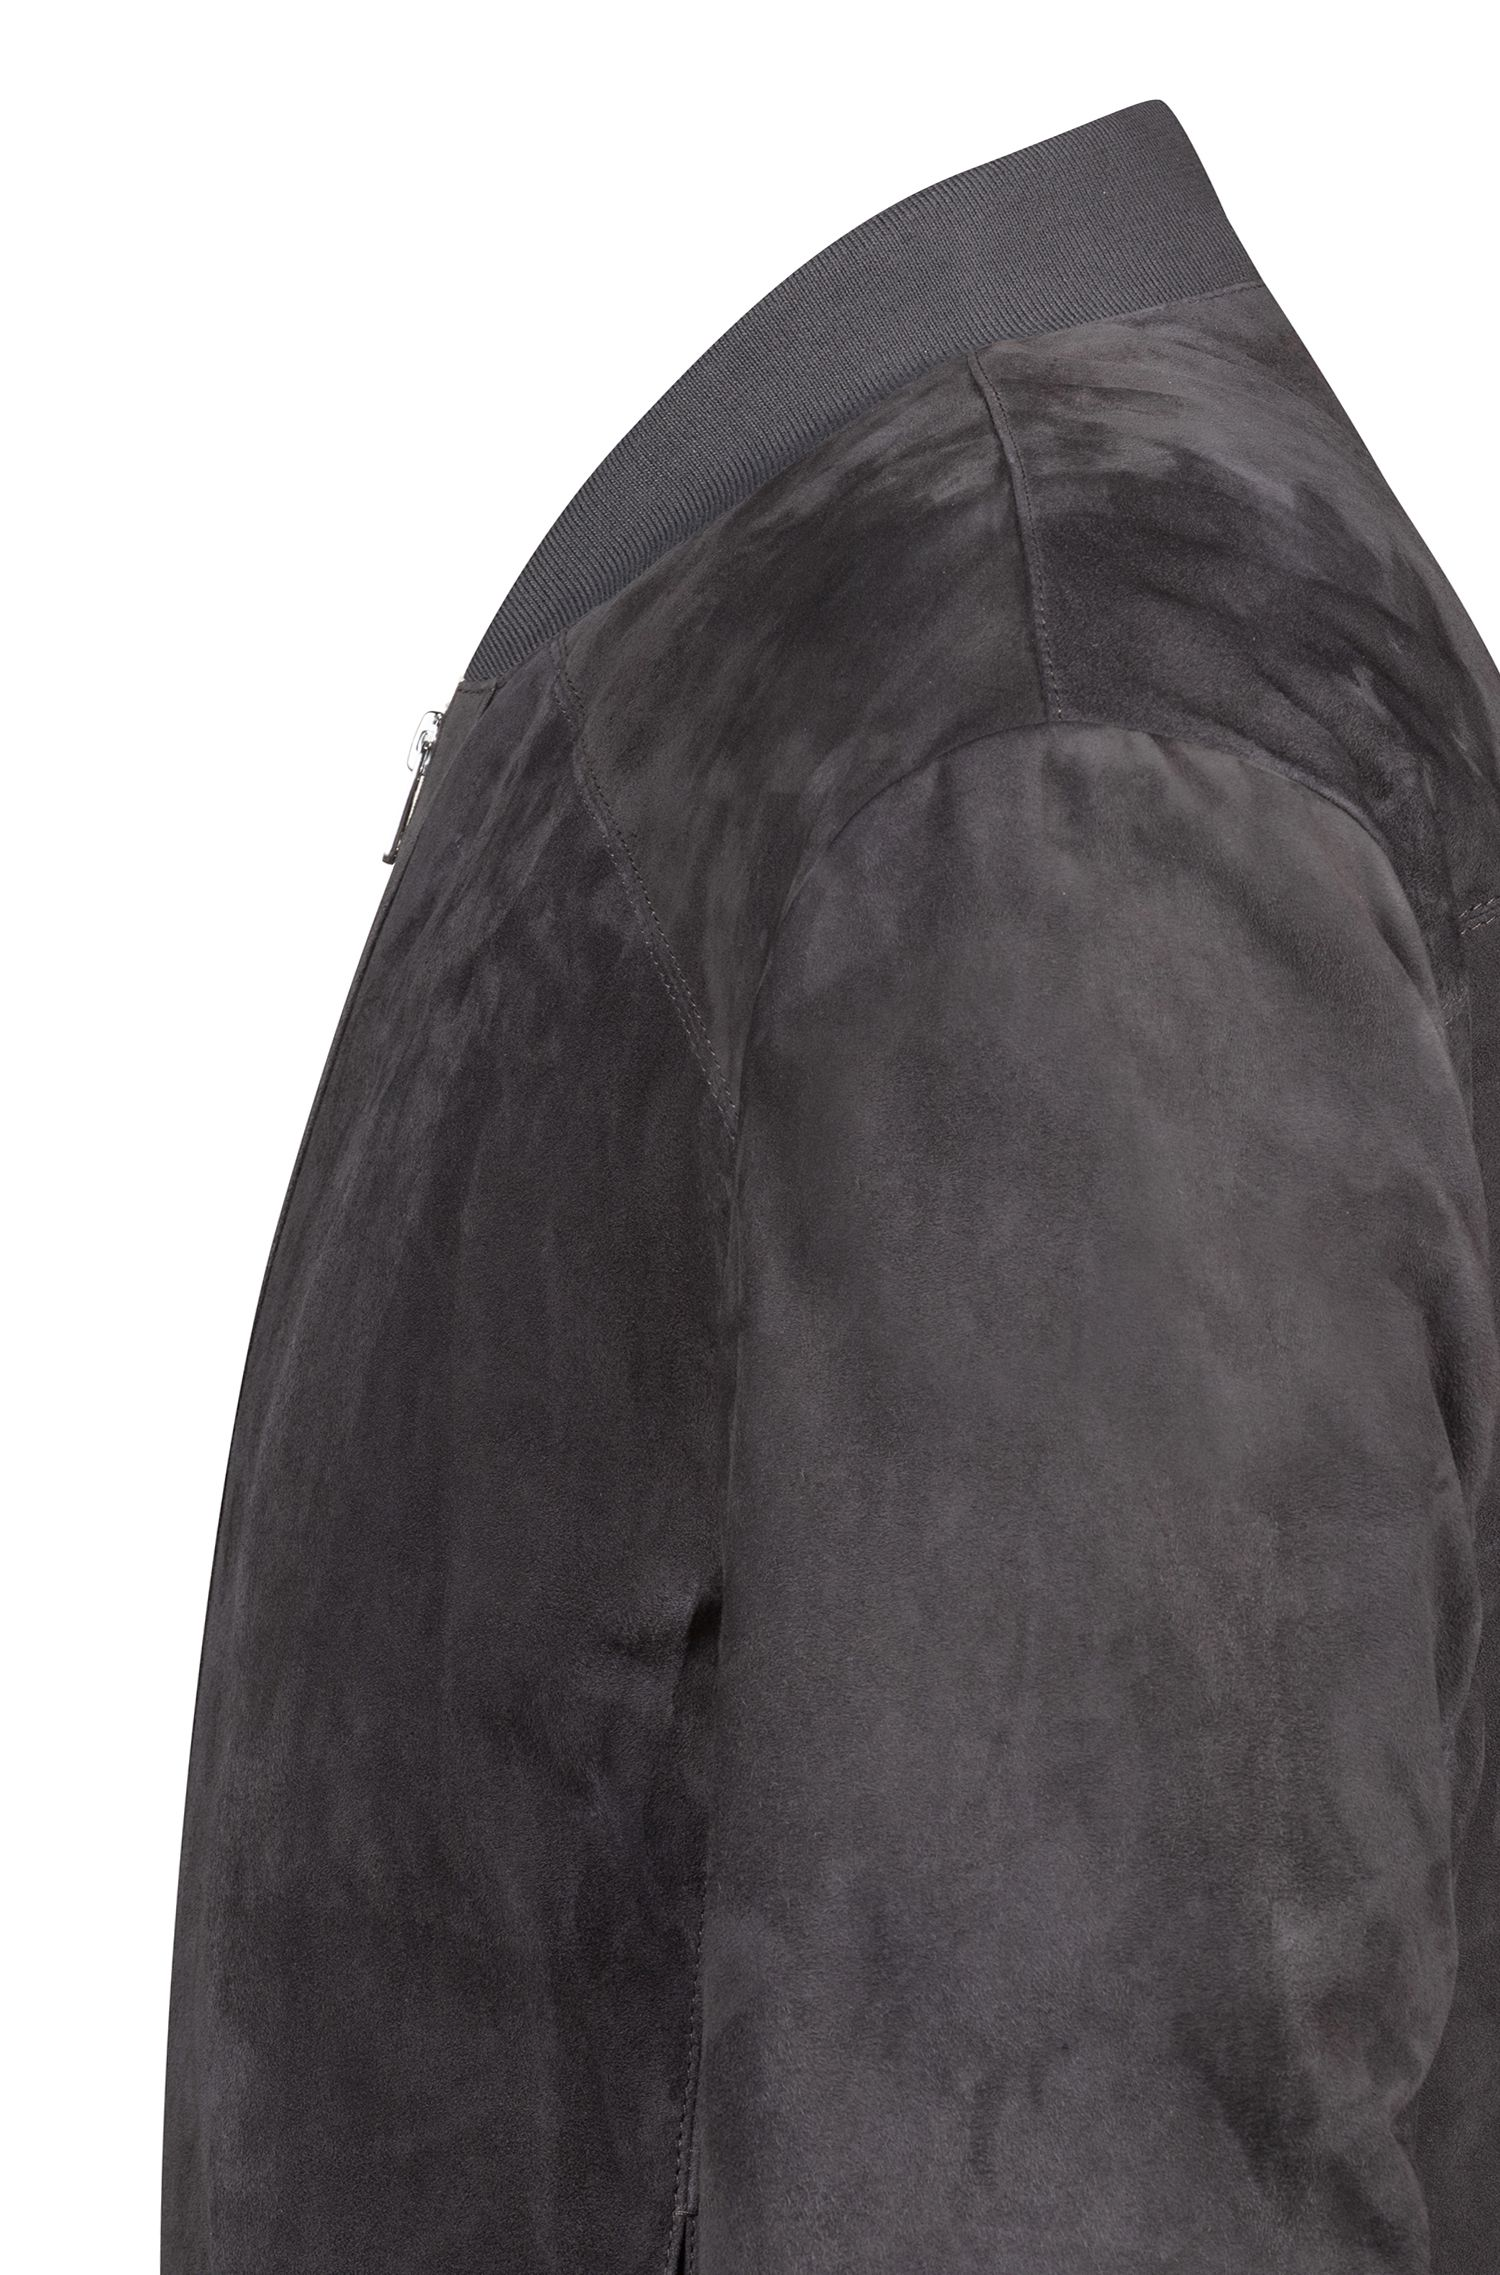 Cazadora relaxed fit en piel con tacto de velur, Gris oscuro